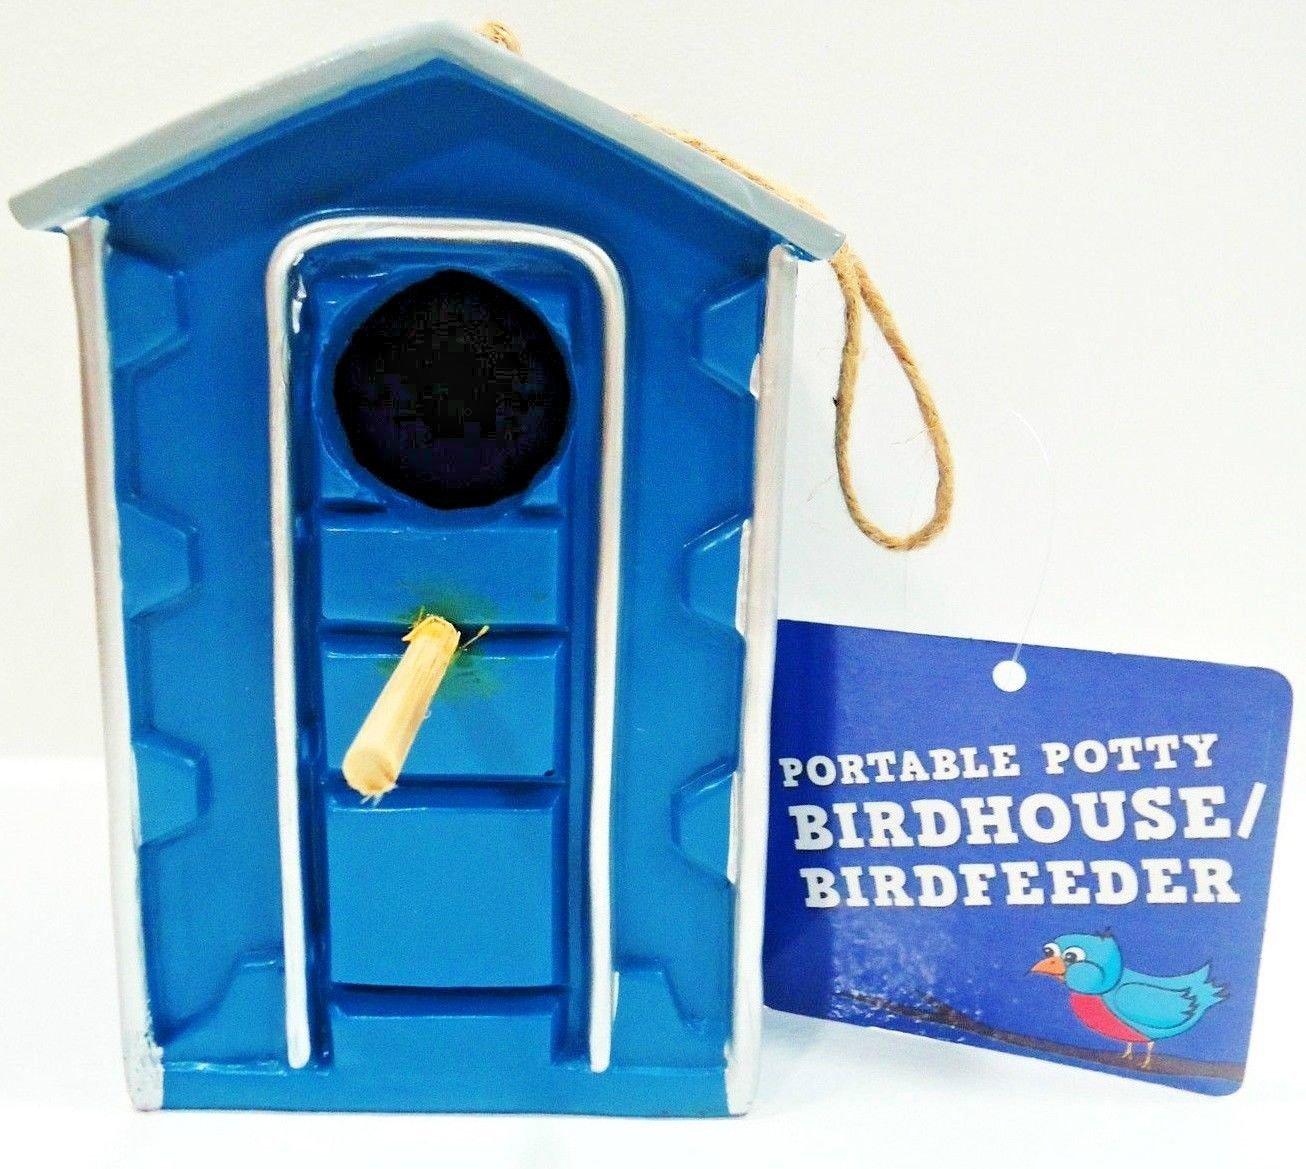 PORTABLE - POTTY - BIRD HOUSE - BIRD FEEDER - BRAND NEW - OUTHOUSE - BIRDS - NIB